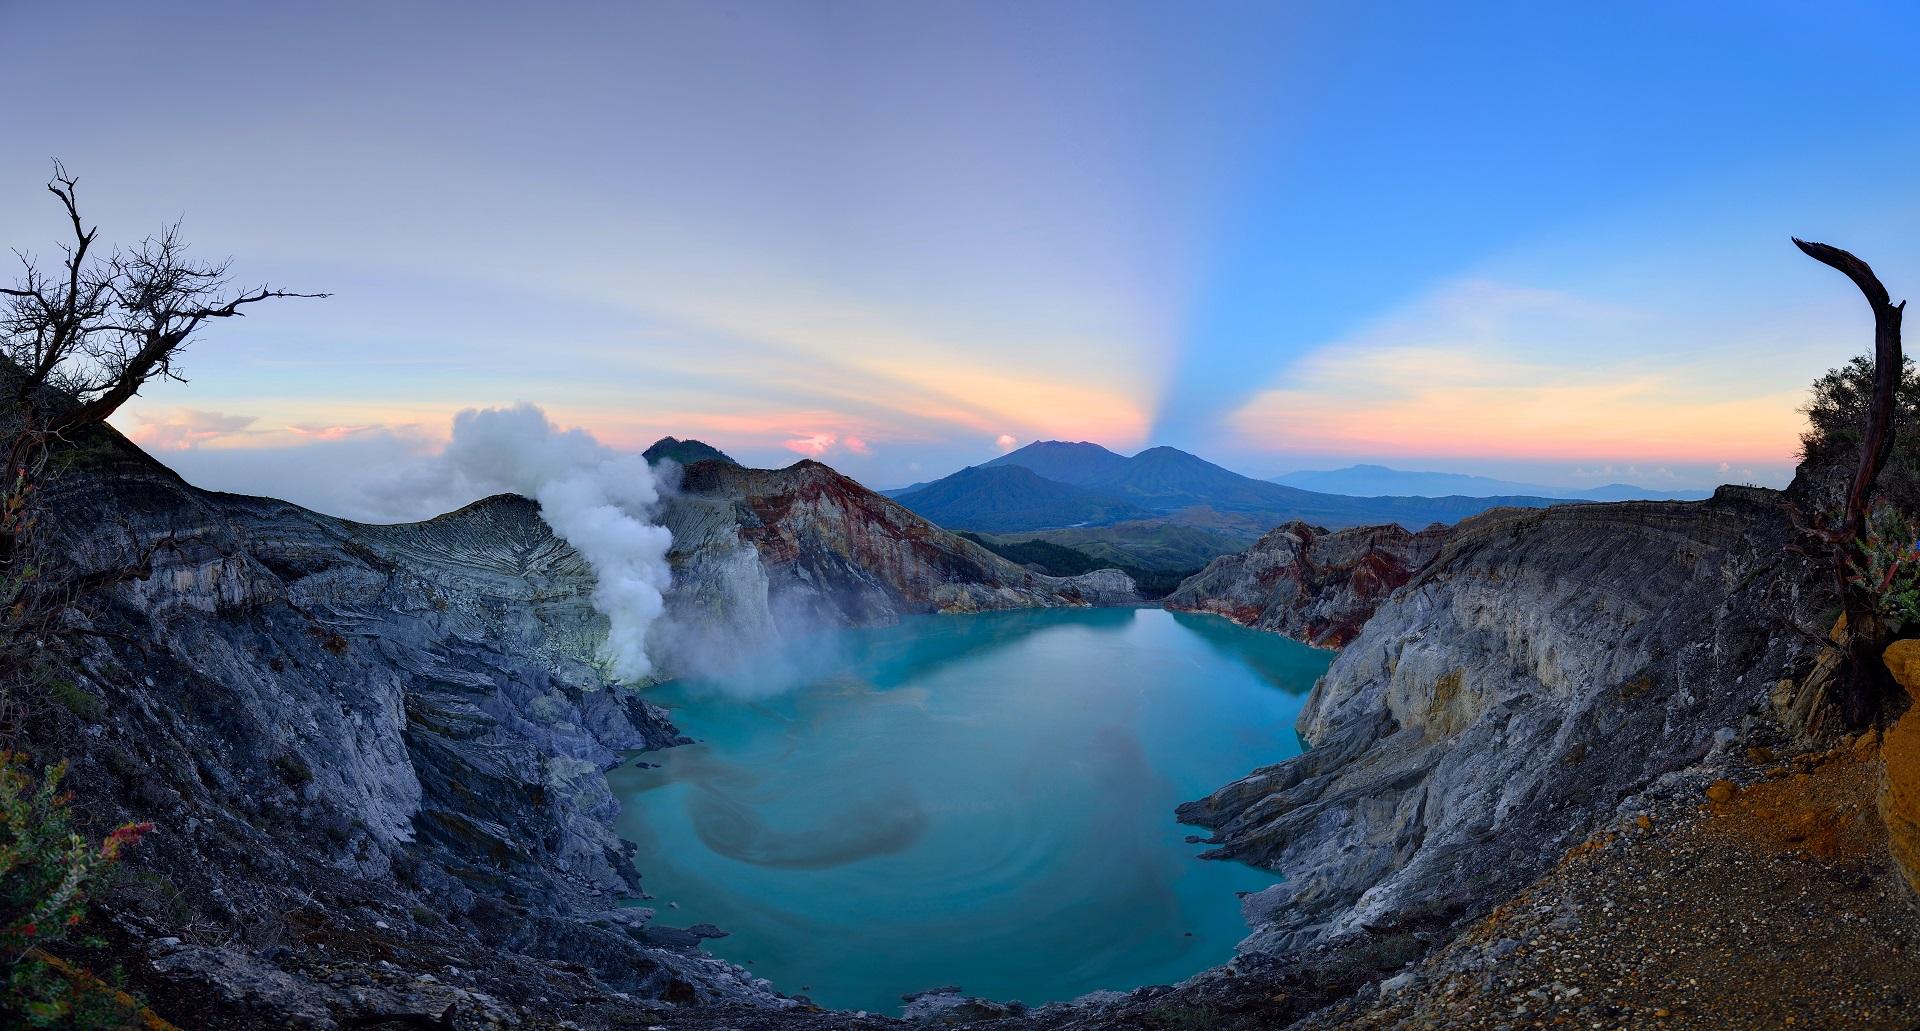 Referensi dan Rekomendasi Tempat Wisata di Indonesia: Wisata Kawah Ijen